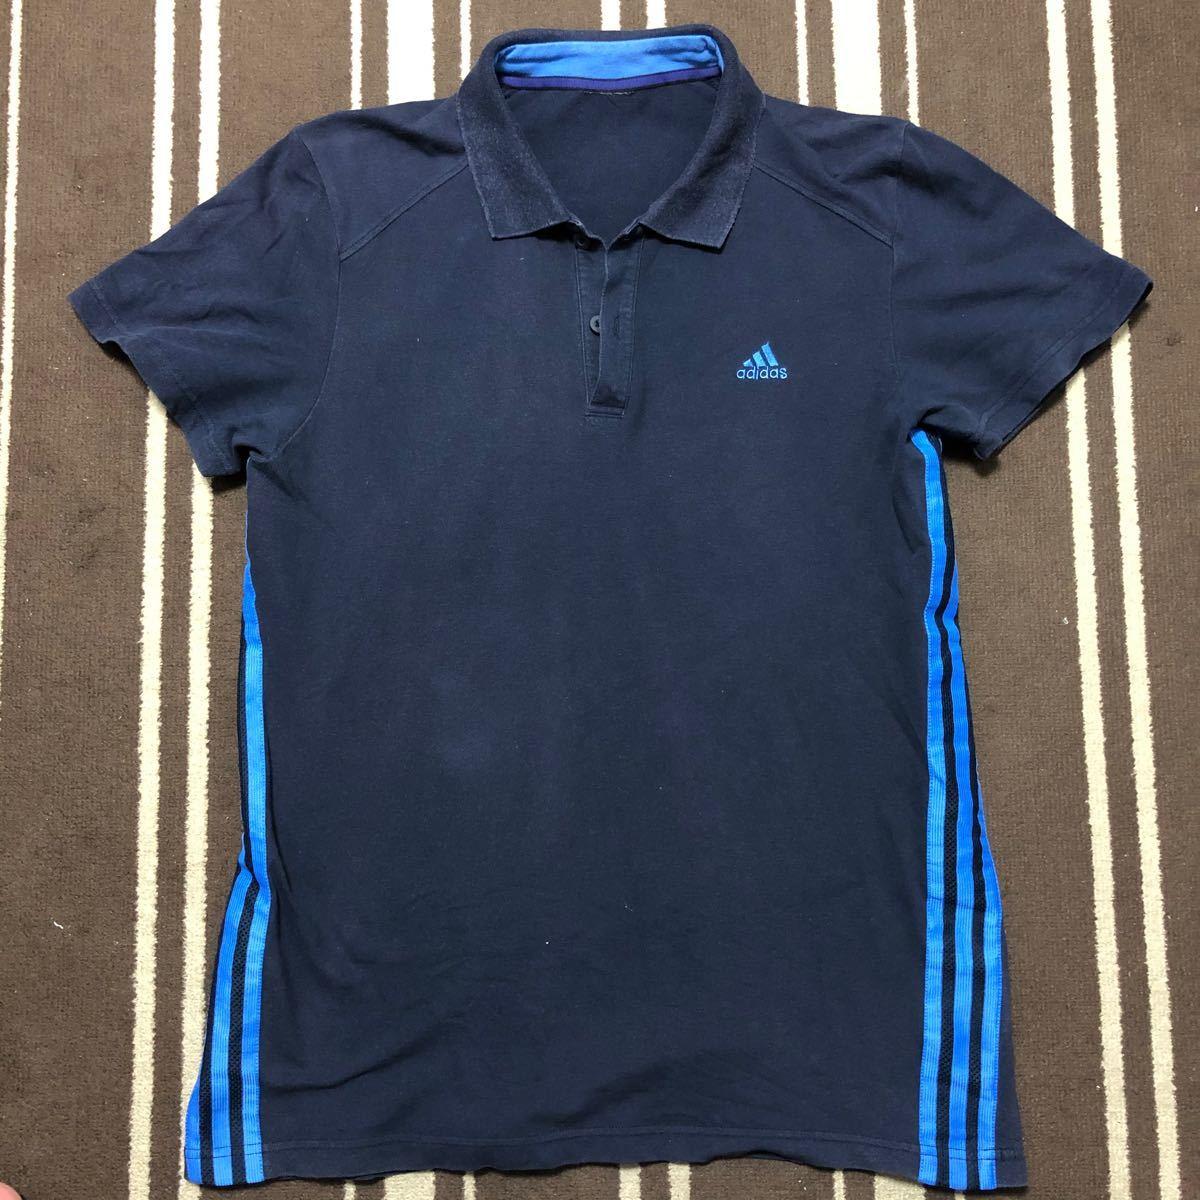 アディダス ポロシャツ ネイビー×ブルー 綿95%,ポリウレタン5%